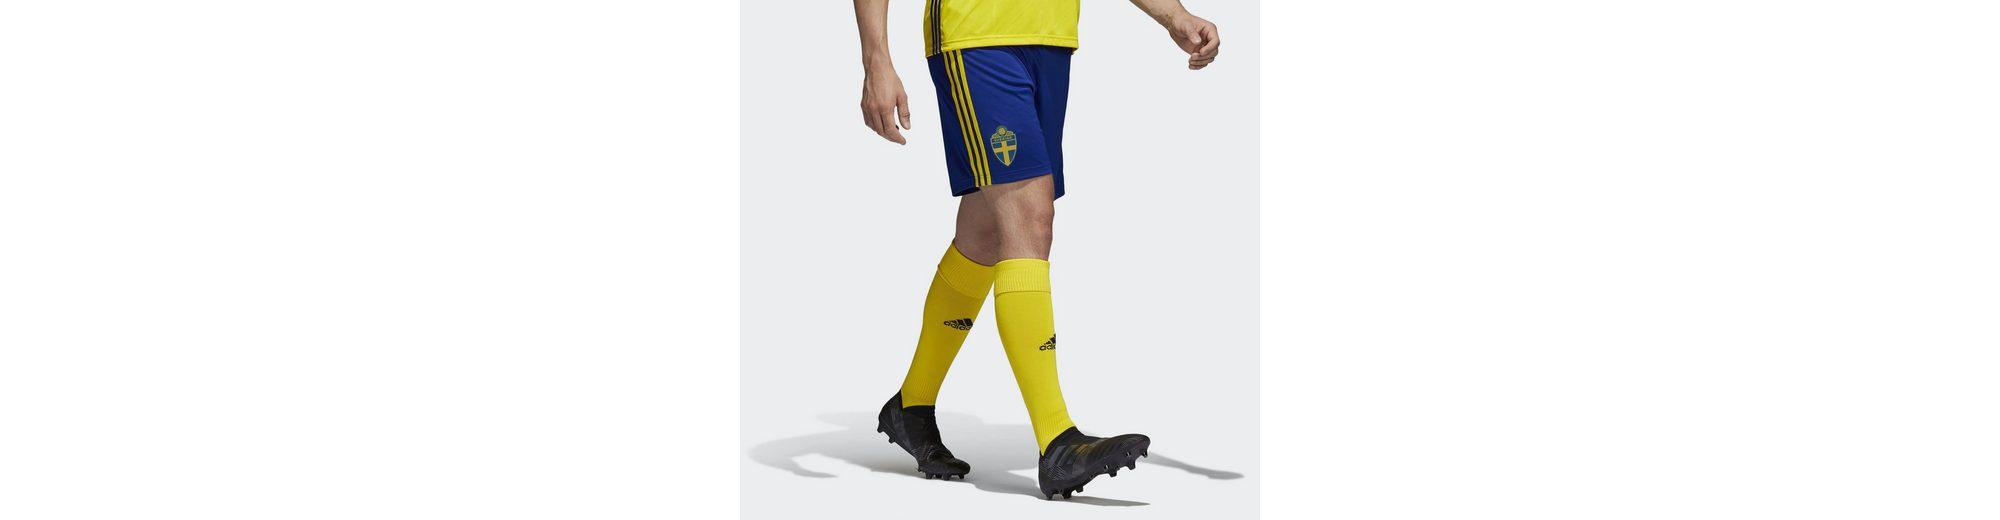 adidas Performance Shorts Schweden Heimshorts 100% Garantiert YkzBdX